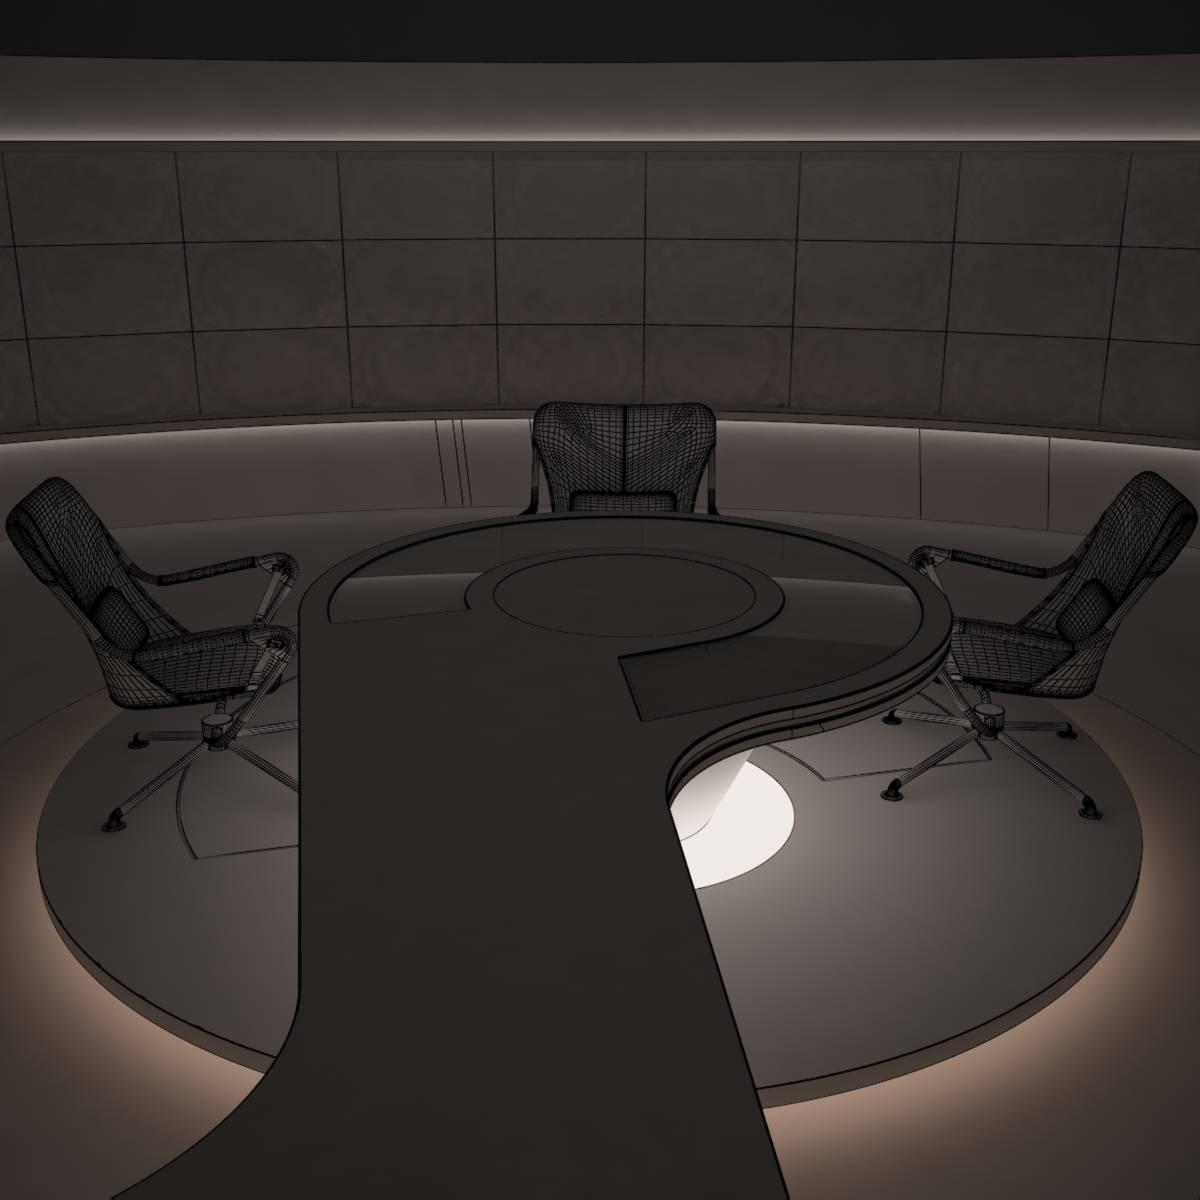 виртуал өргөн нэвтрүүлгийн телевизийн мэдээллийн студи 028 3d загвар max dxf fbx бүтэцтэй obj 215588